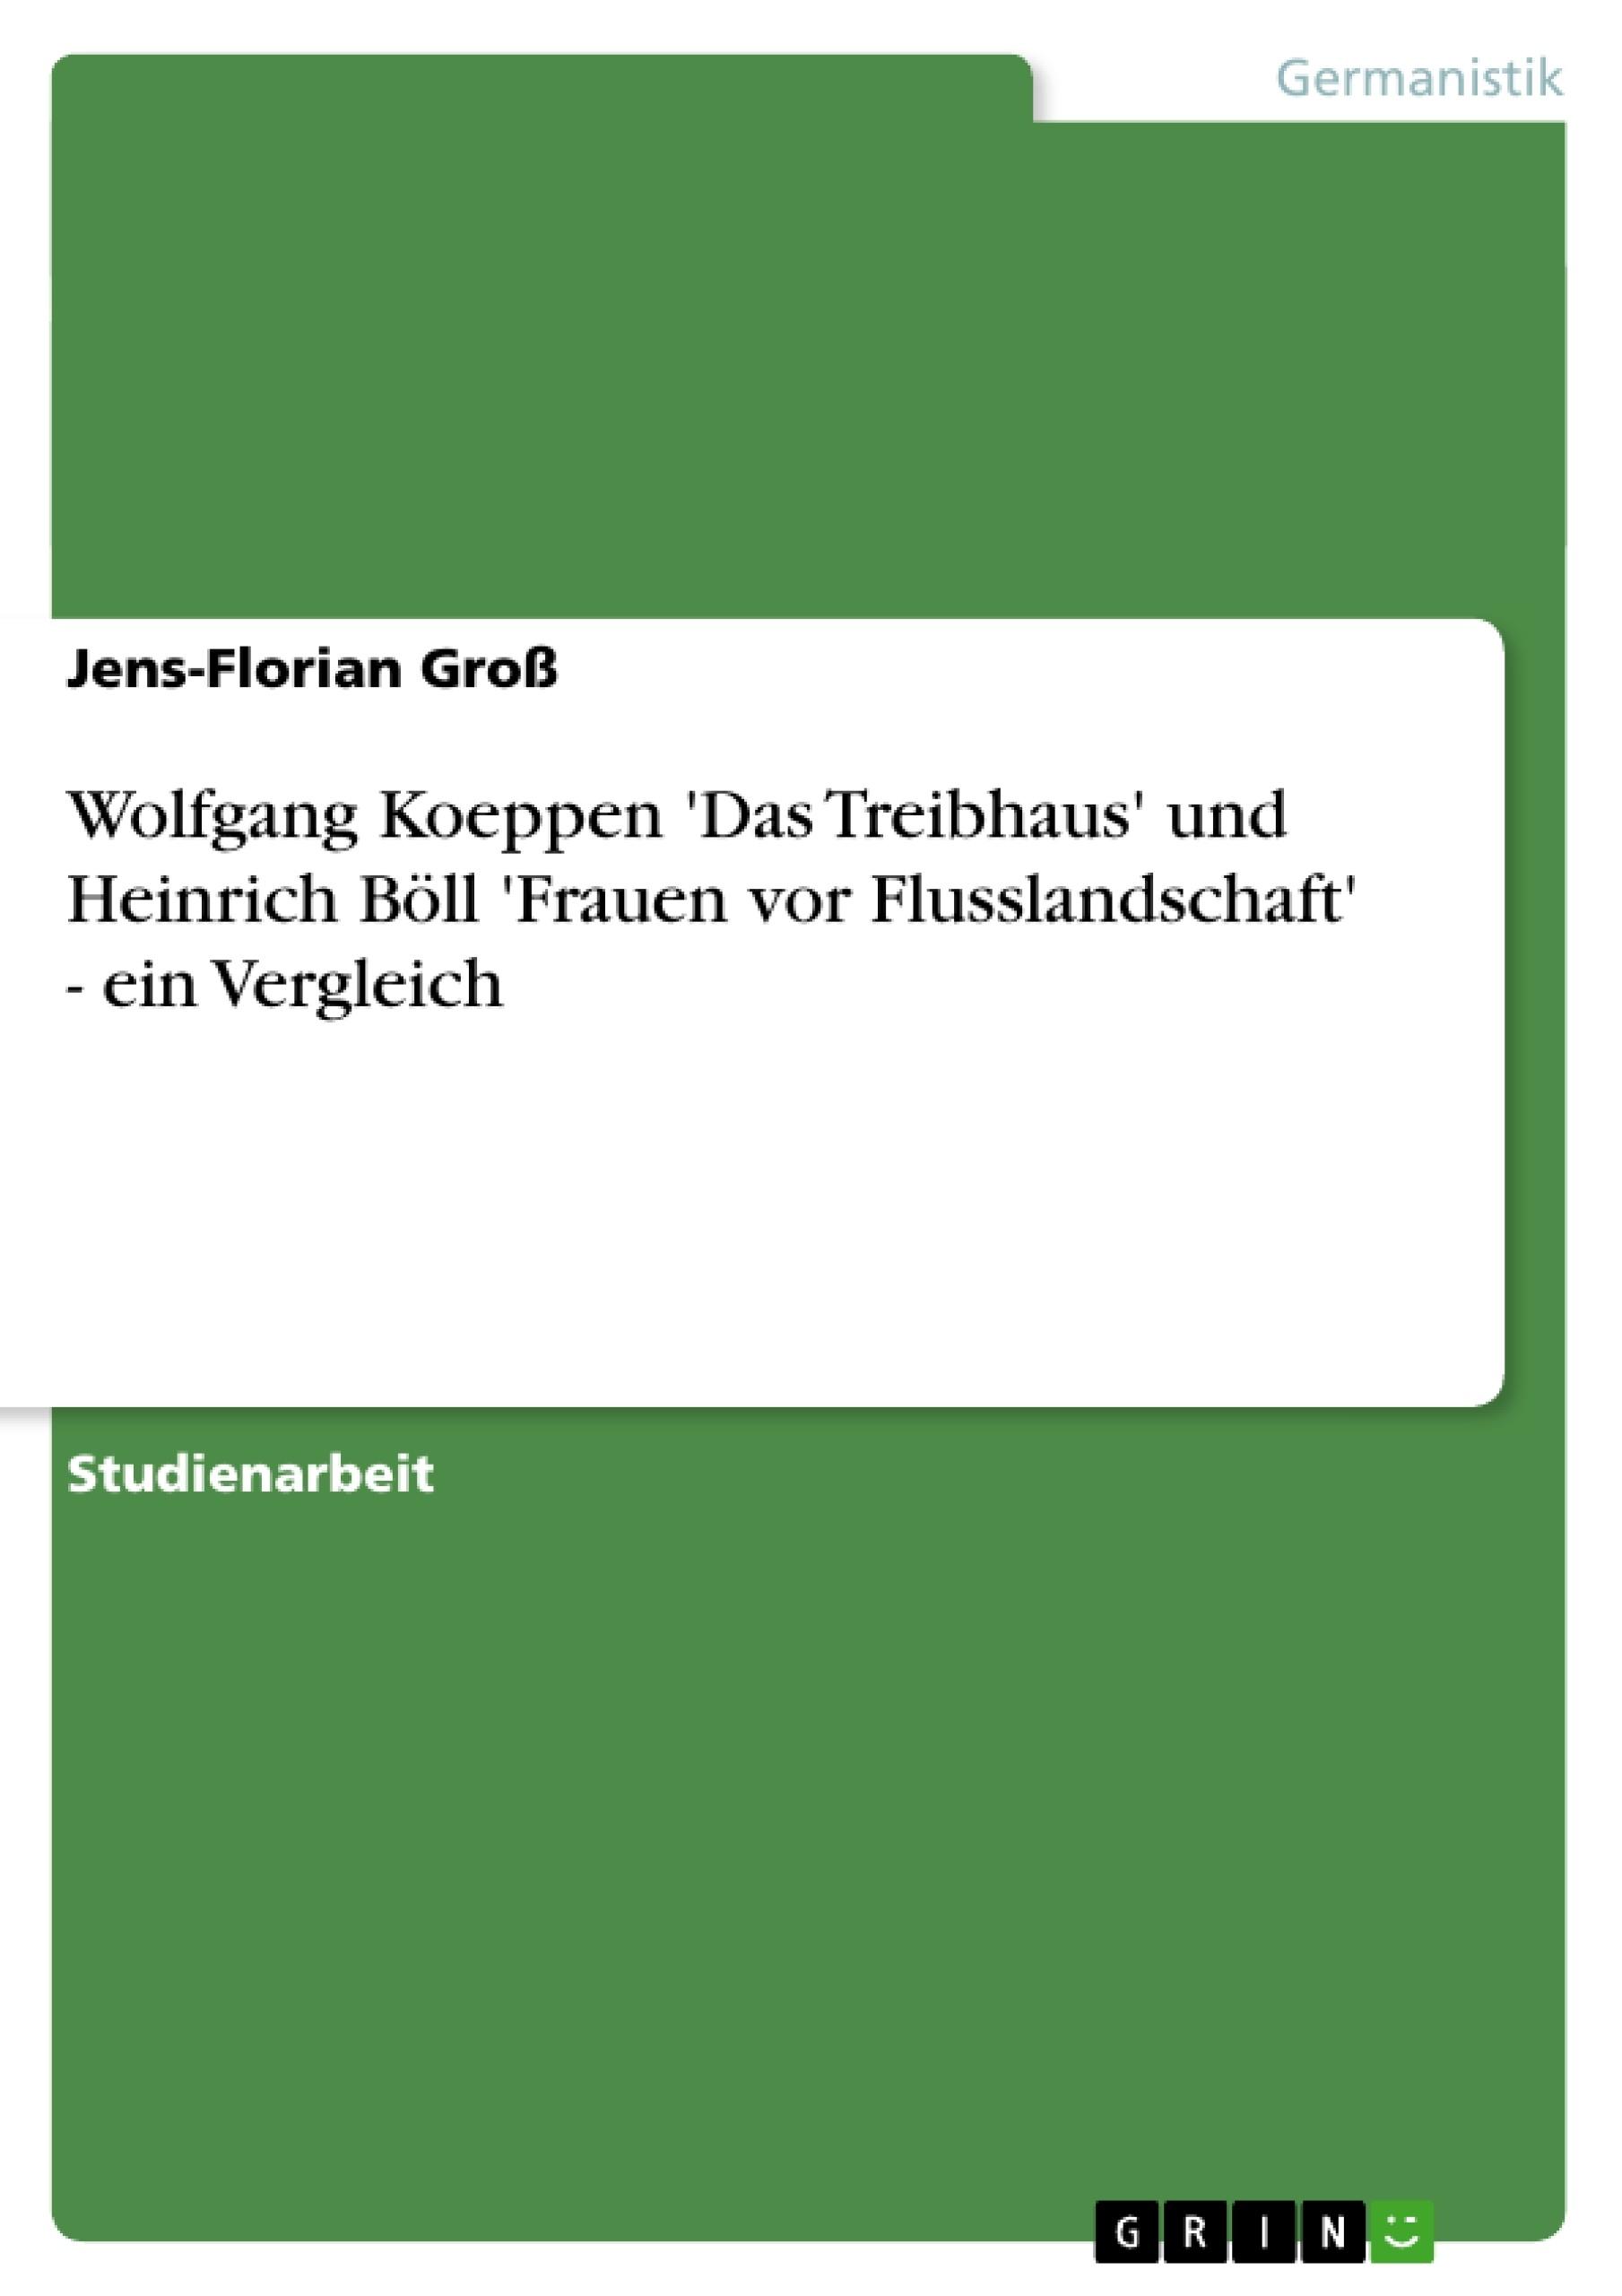 Titel: Wolfgang Koeppen 'Das Treibhaus' und Heinrich Böll 'Frauen vor Flusslandschaft' - ein Vergleich